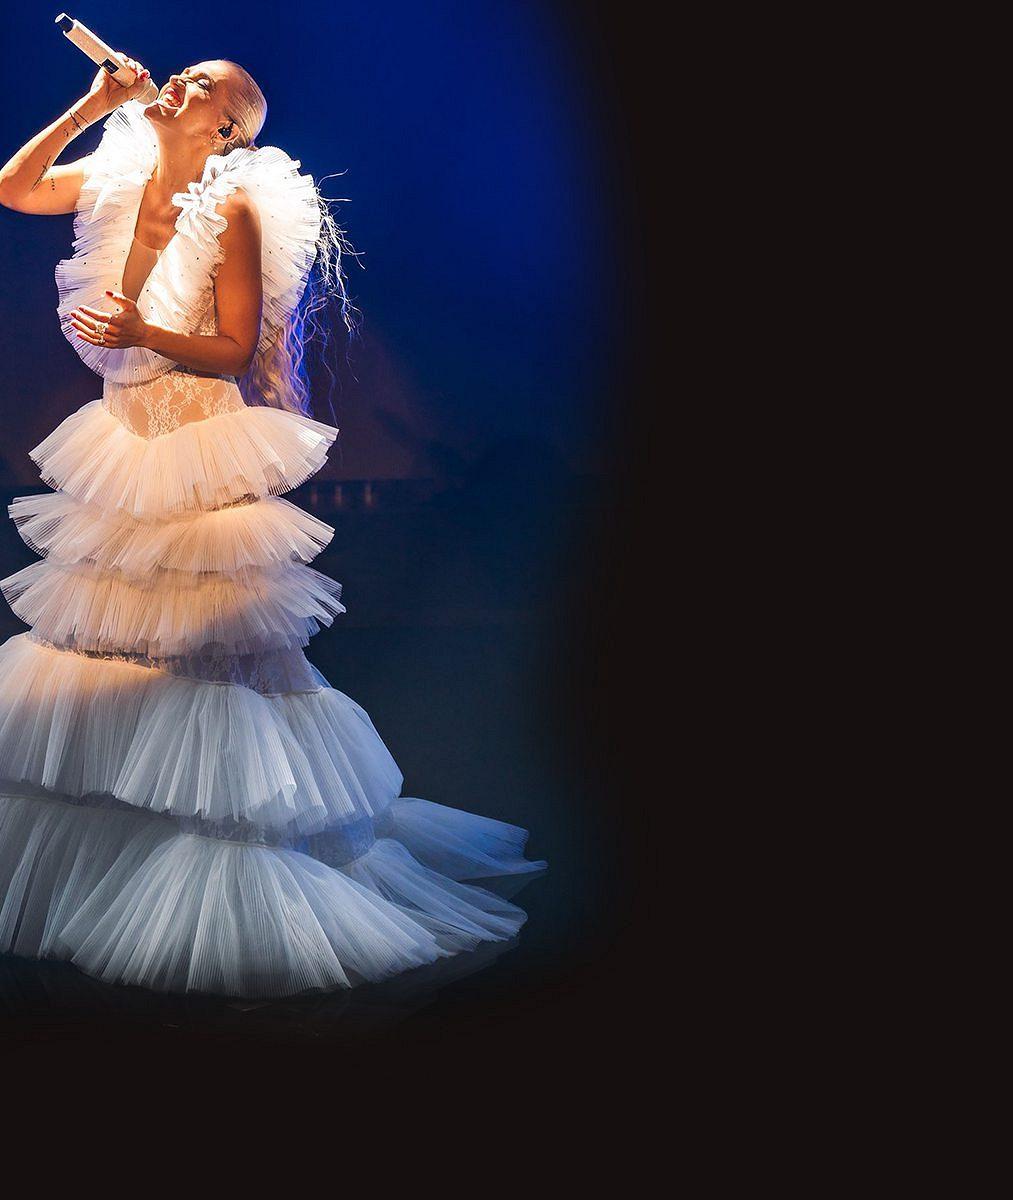 Šaty ve tvaru sněhové vločky, dýdžej, orchestr izvonky štěstí pro Gotta. Dara Rolins předvedla svou verzi Vánoc